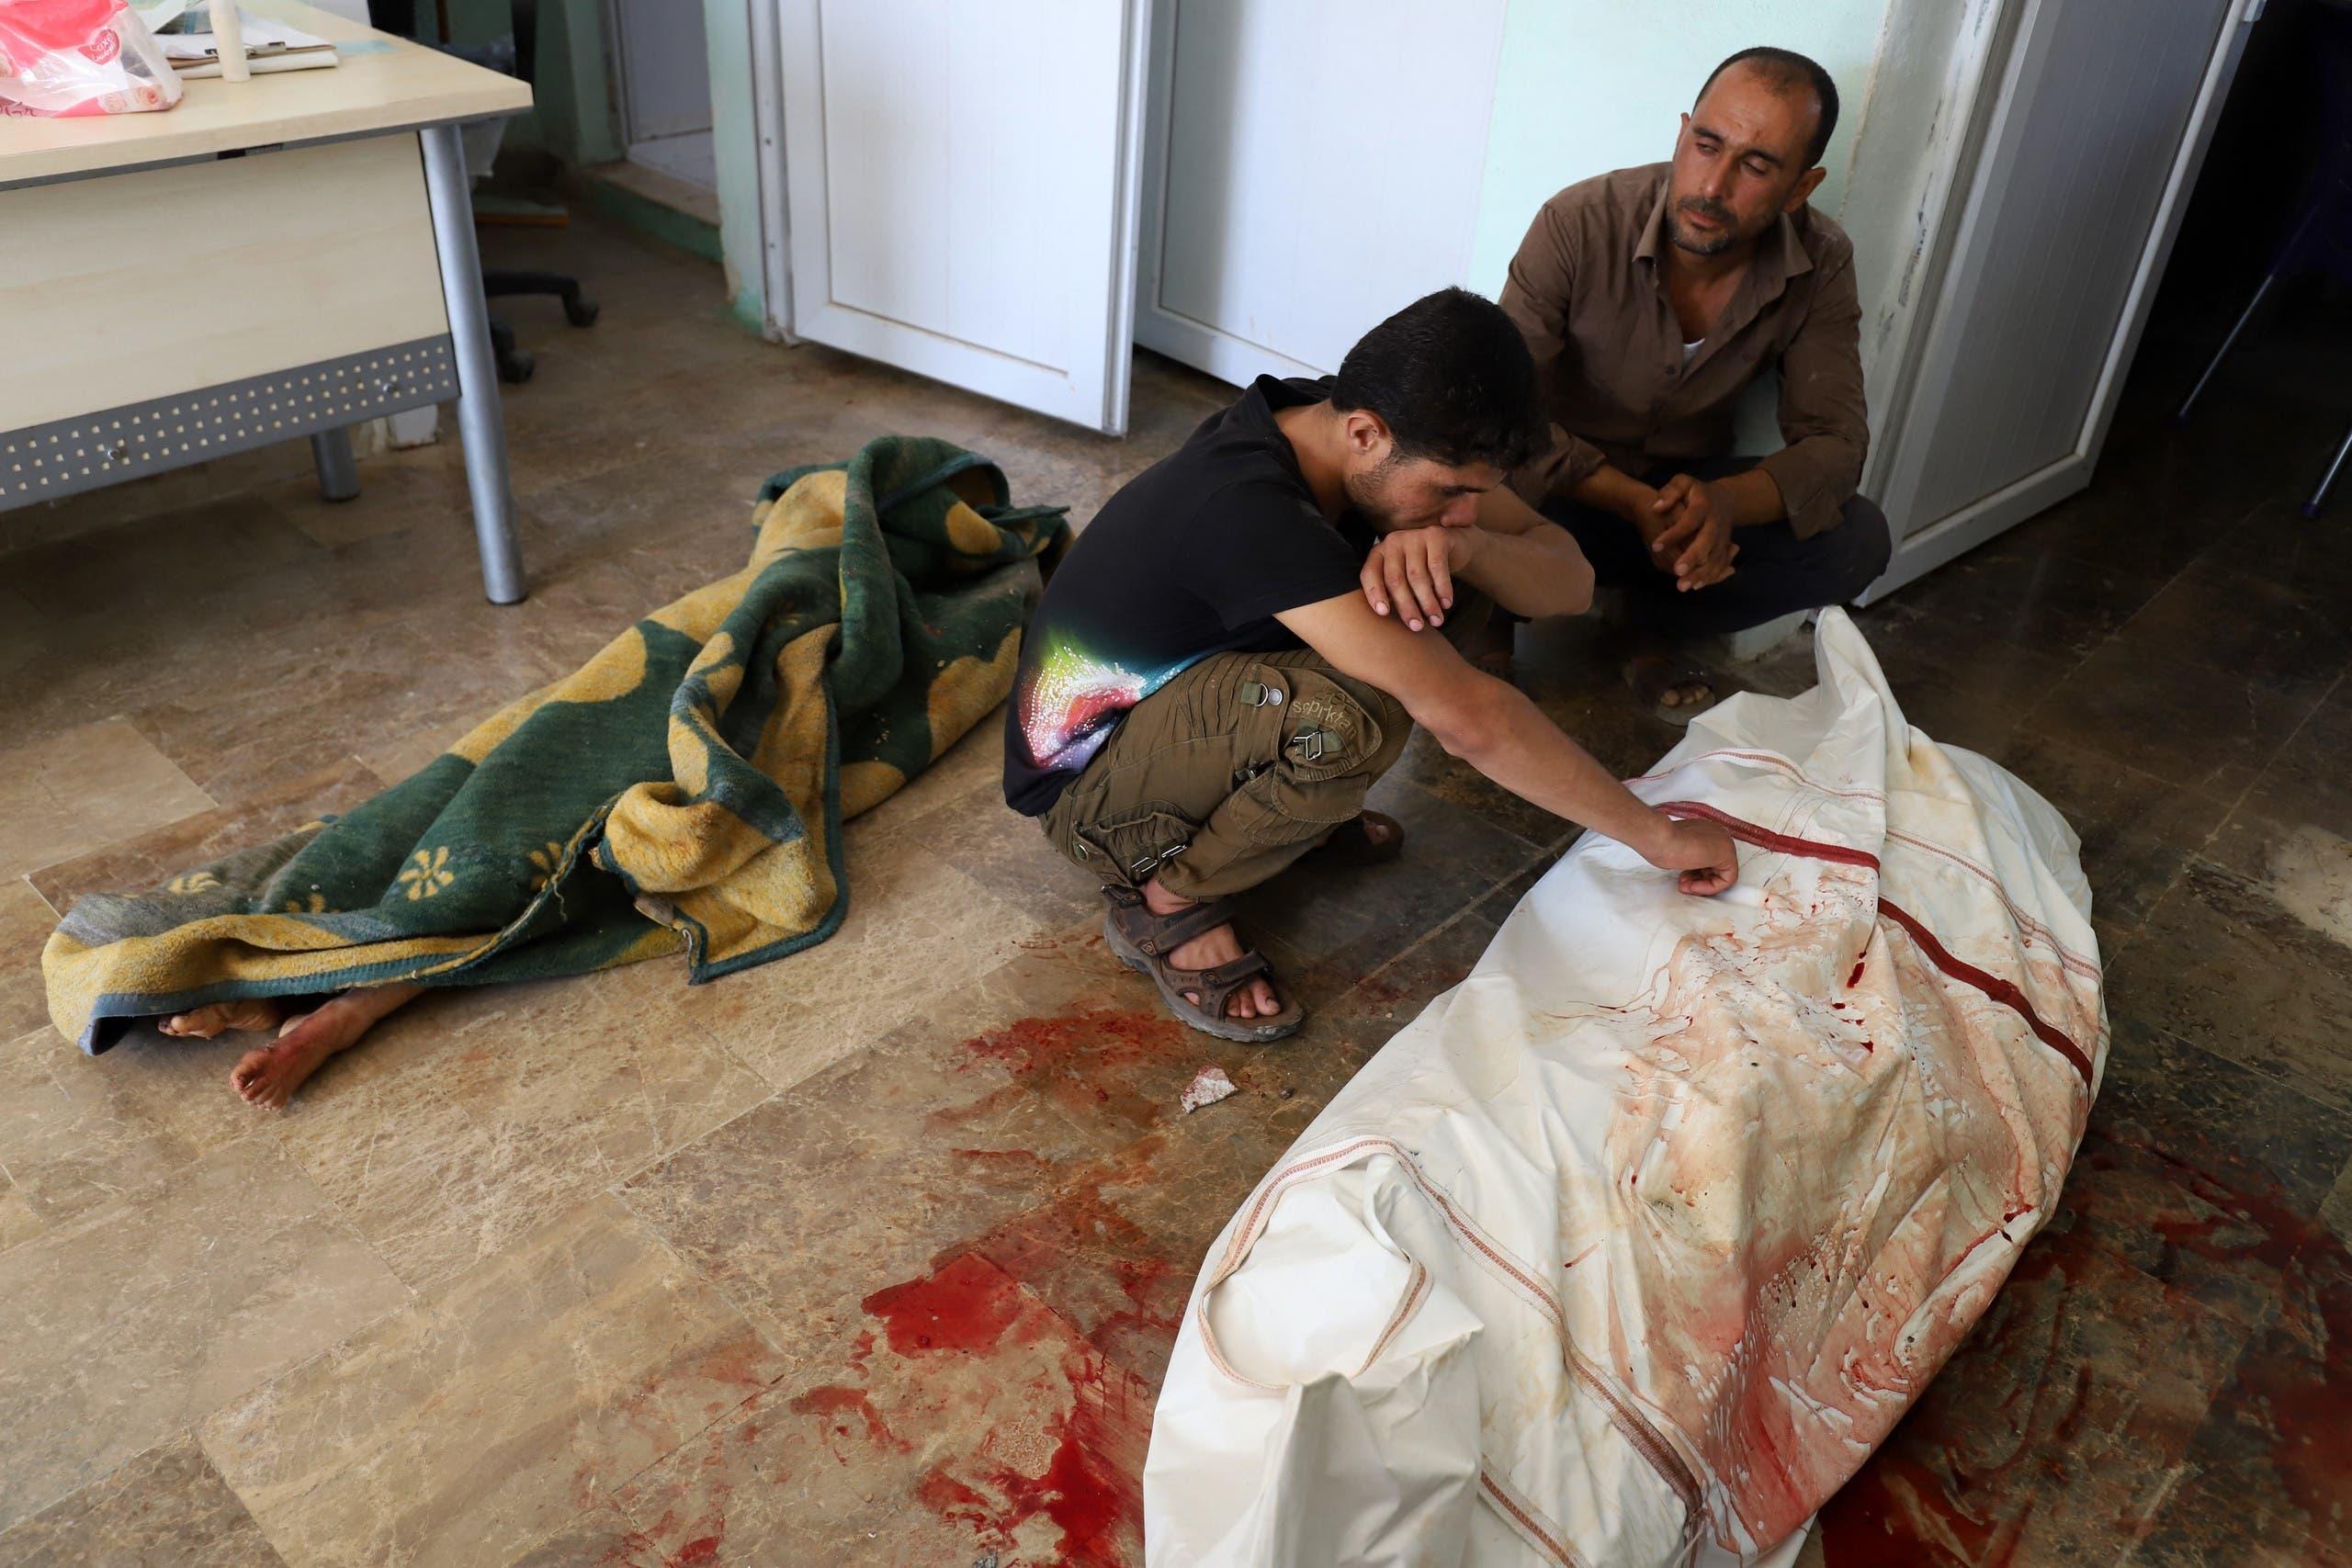 مقتل شخص إثر غارات سابقة للنظام في جبل الزاوية في إدلب مطلع يوليو